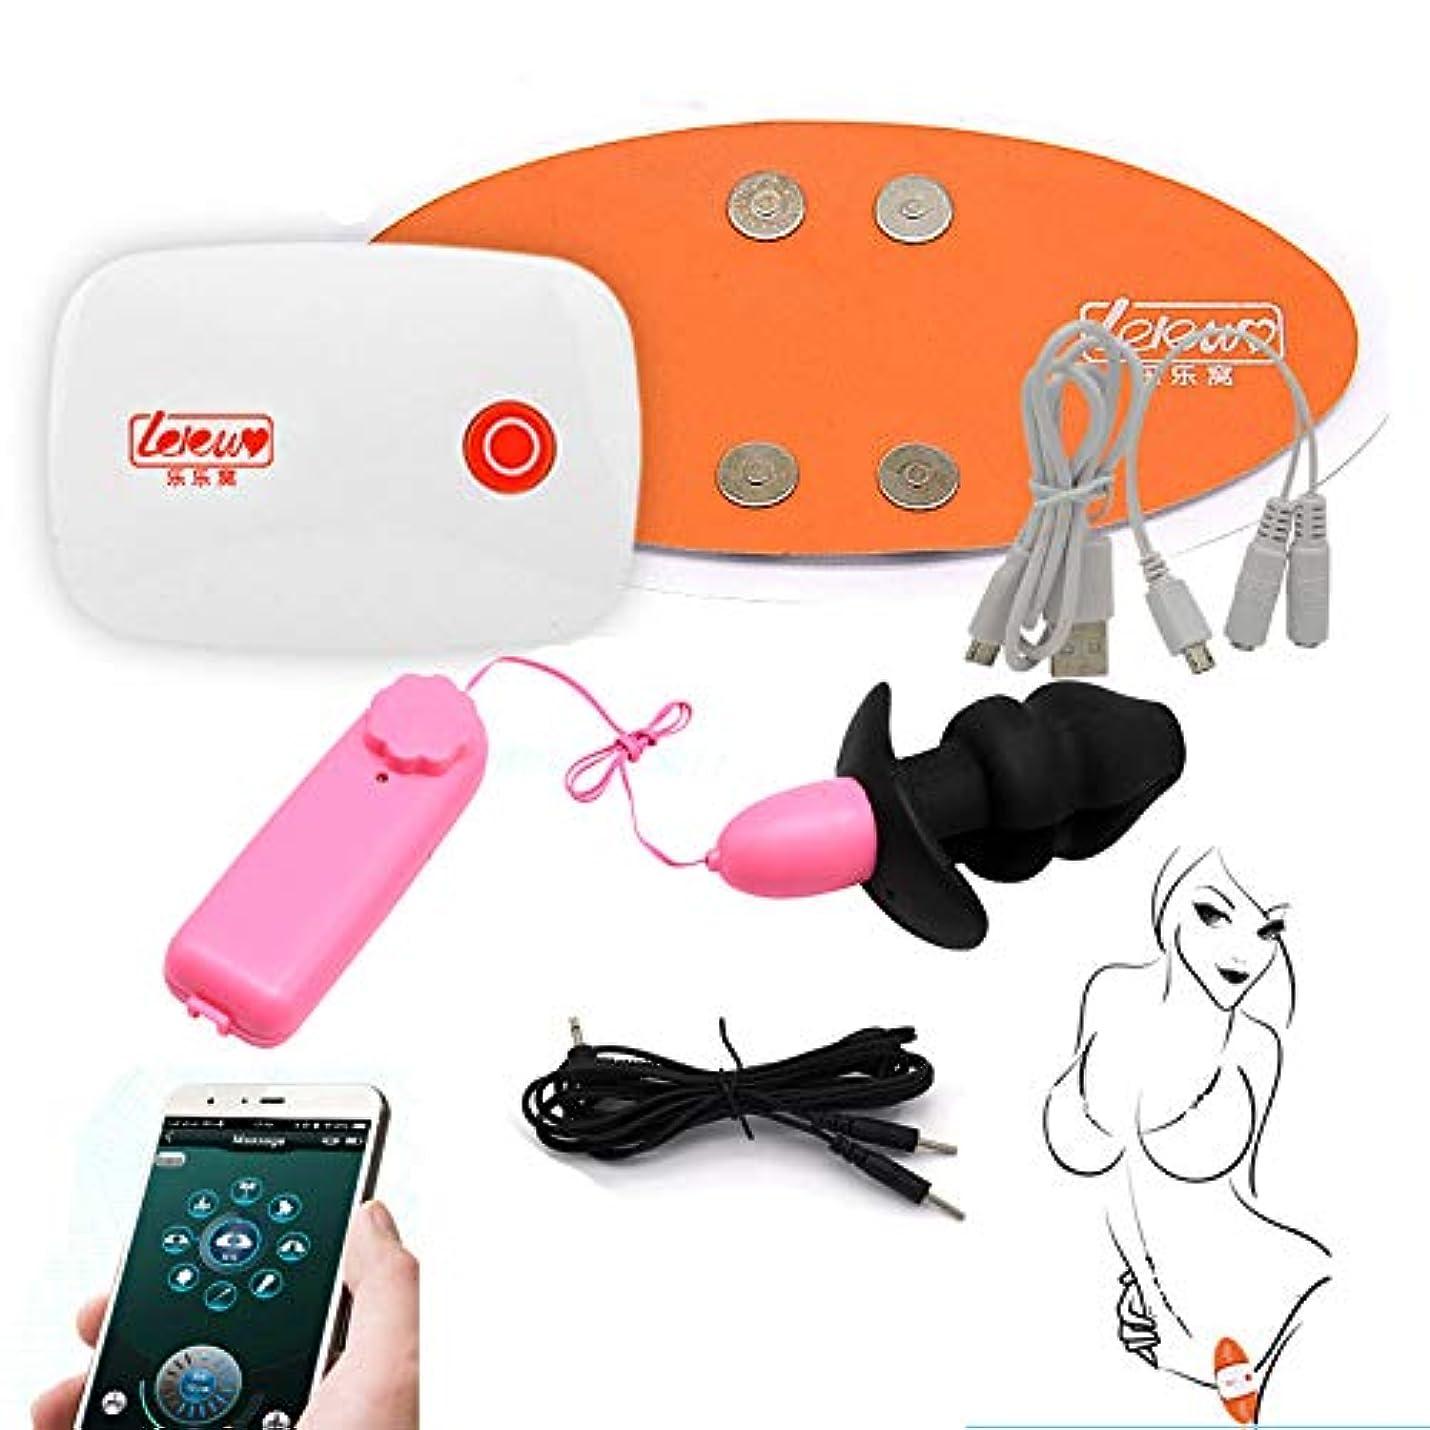 ブランデー海上学校教育ローターアナルプラグ スマホ連携アナルプレイ 低周波セット 前立腺グッズ アナルオナニー パルス刺激アナル開発膣拡張 大人のおもちゃ あなるセックス(ピンクローター+ 中空プラグ+Bluetooth接続パルス刺激)